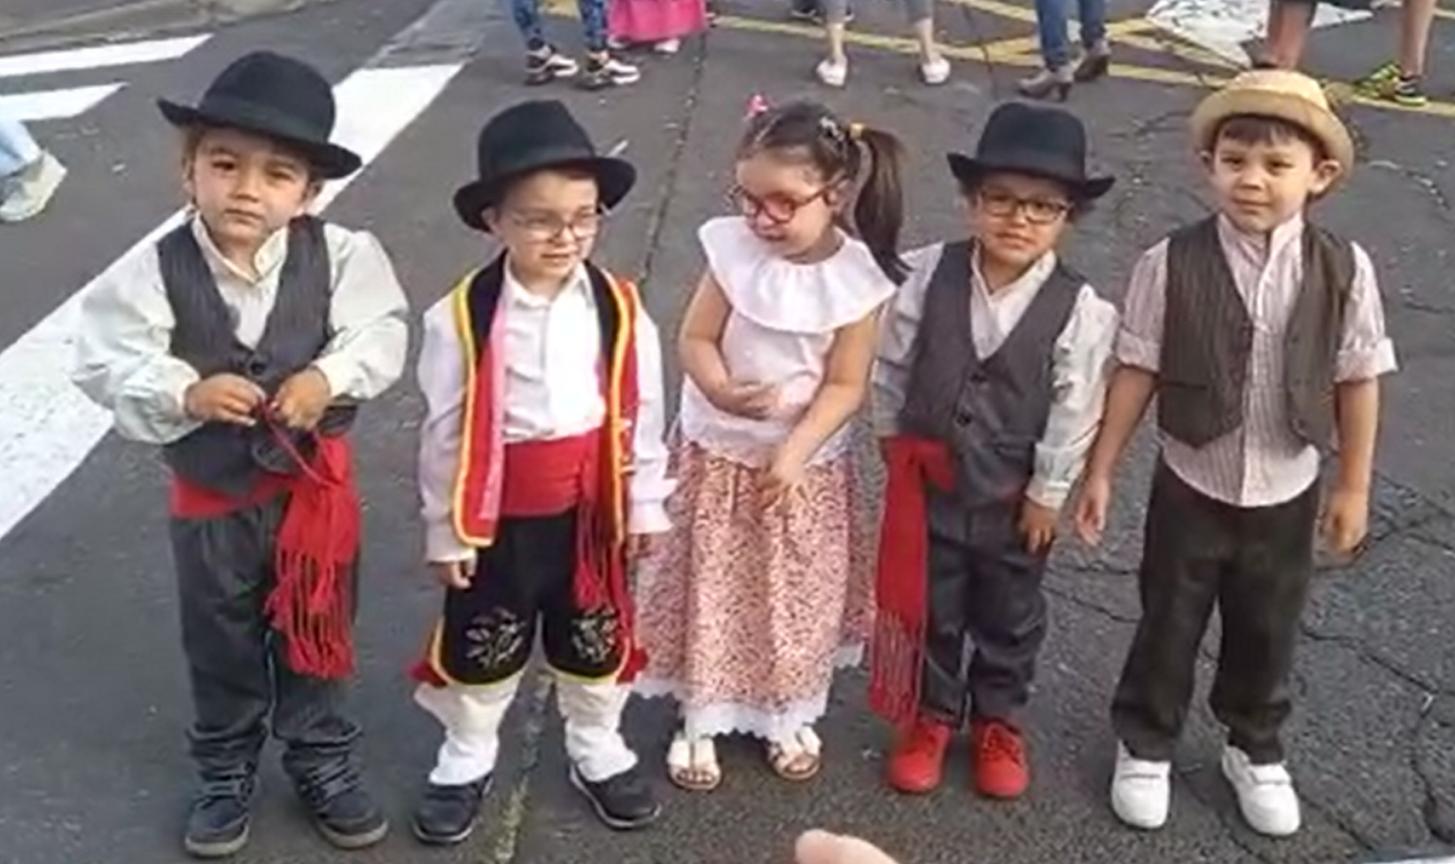 děti v krojích